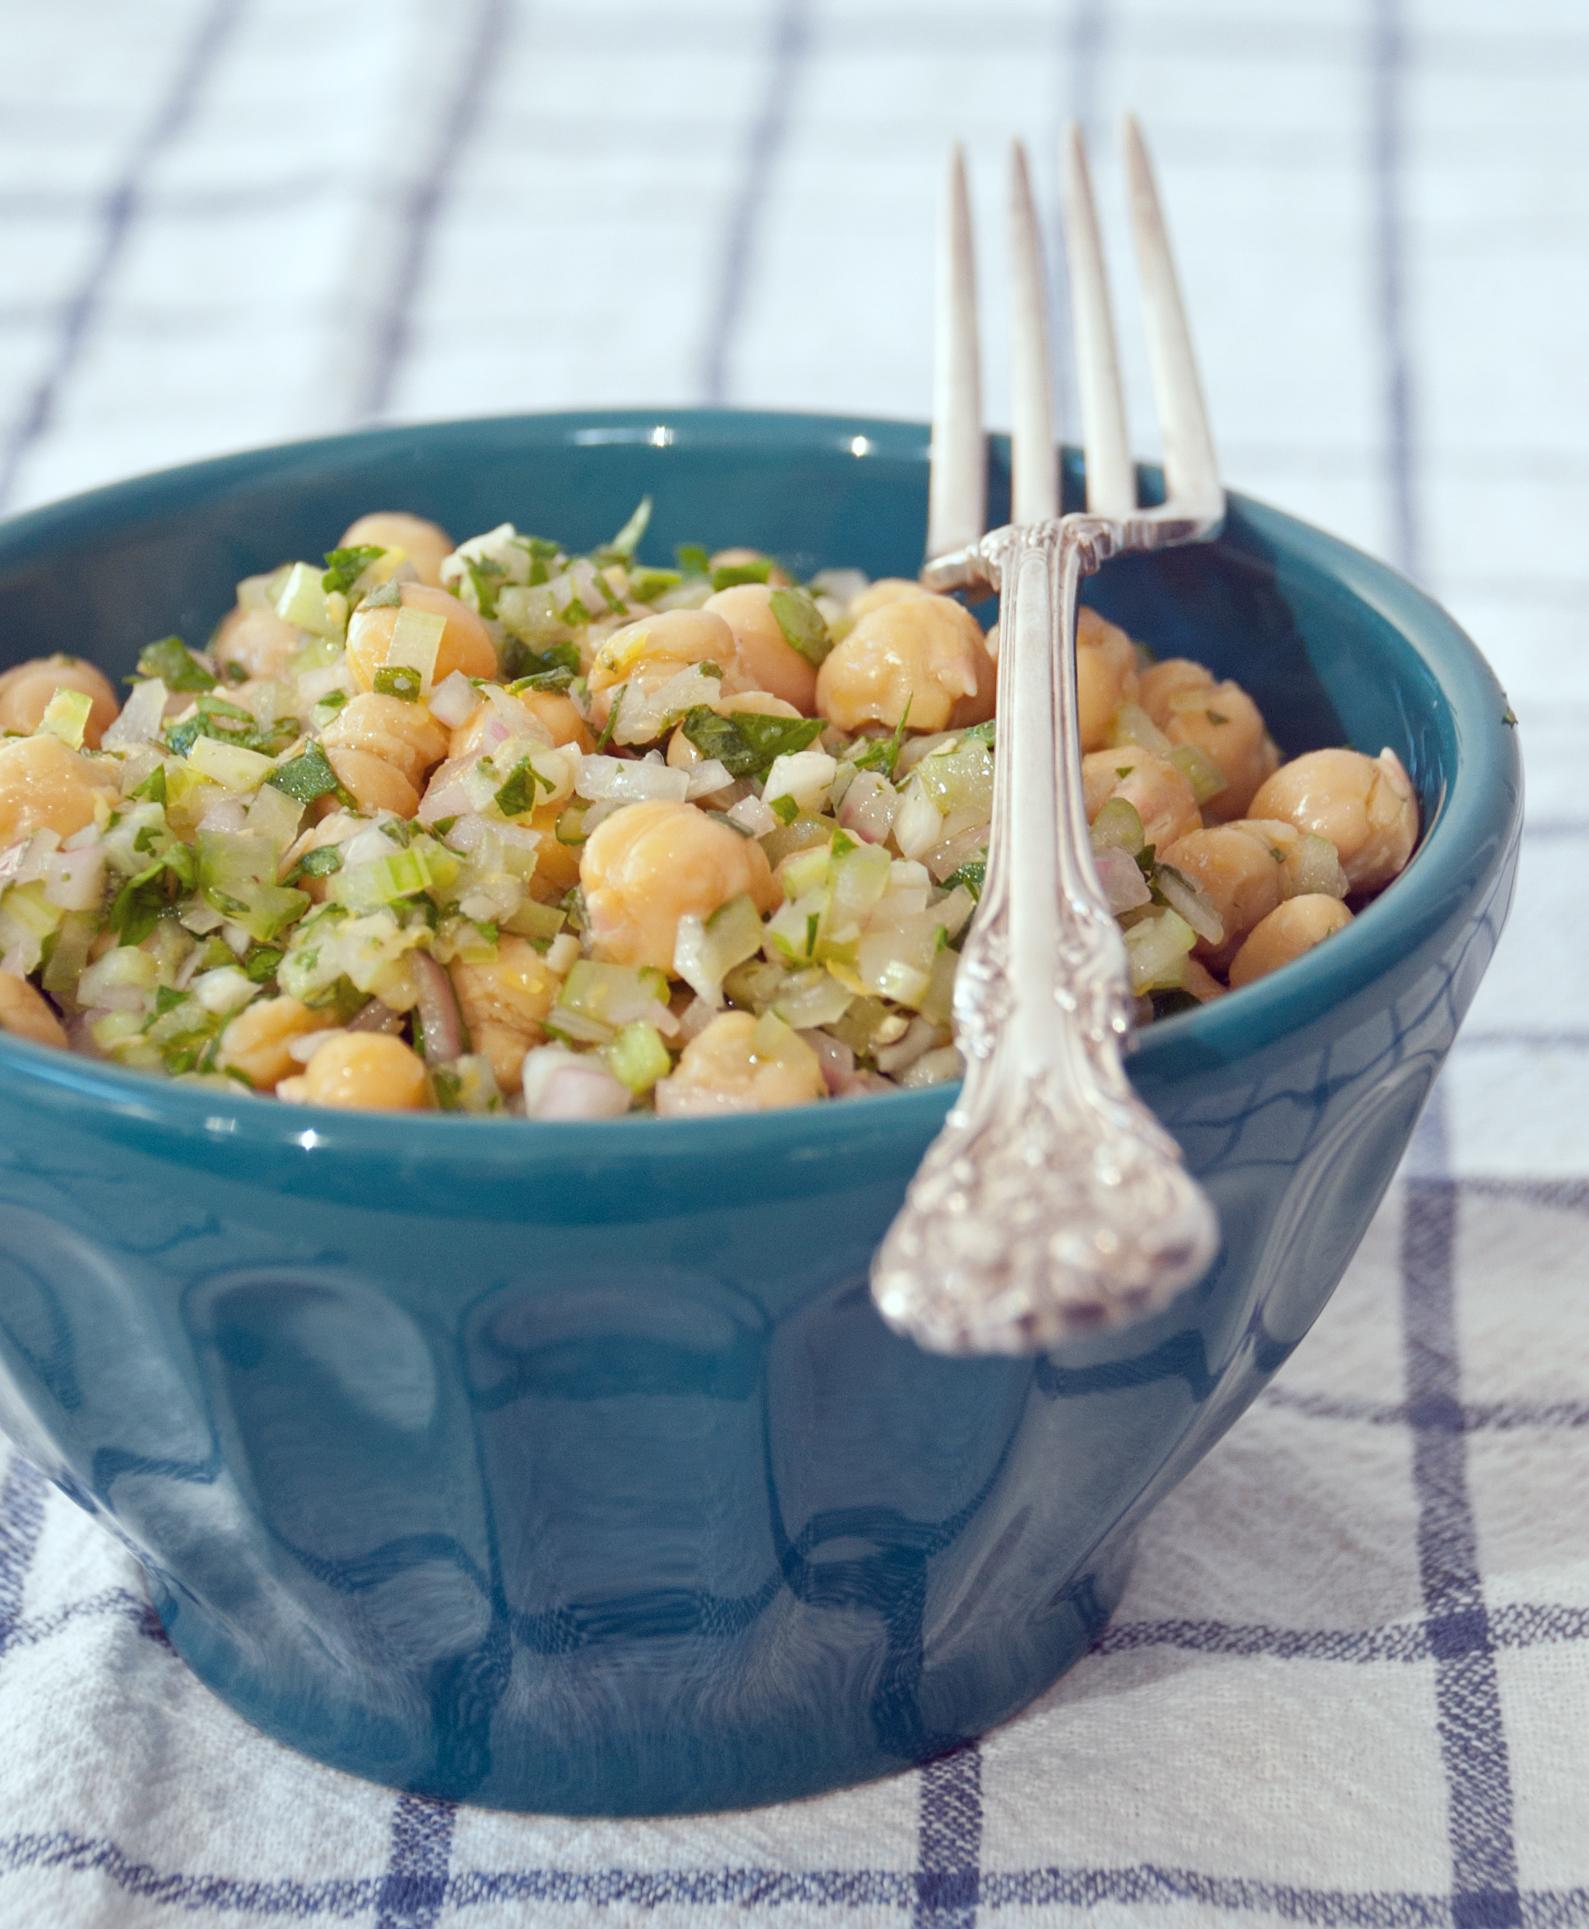 Marinated Chickpea Salad